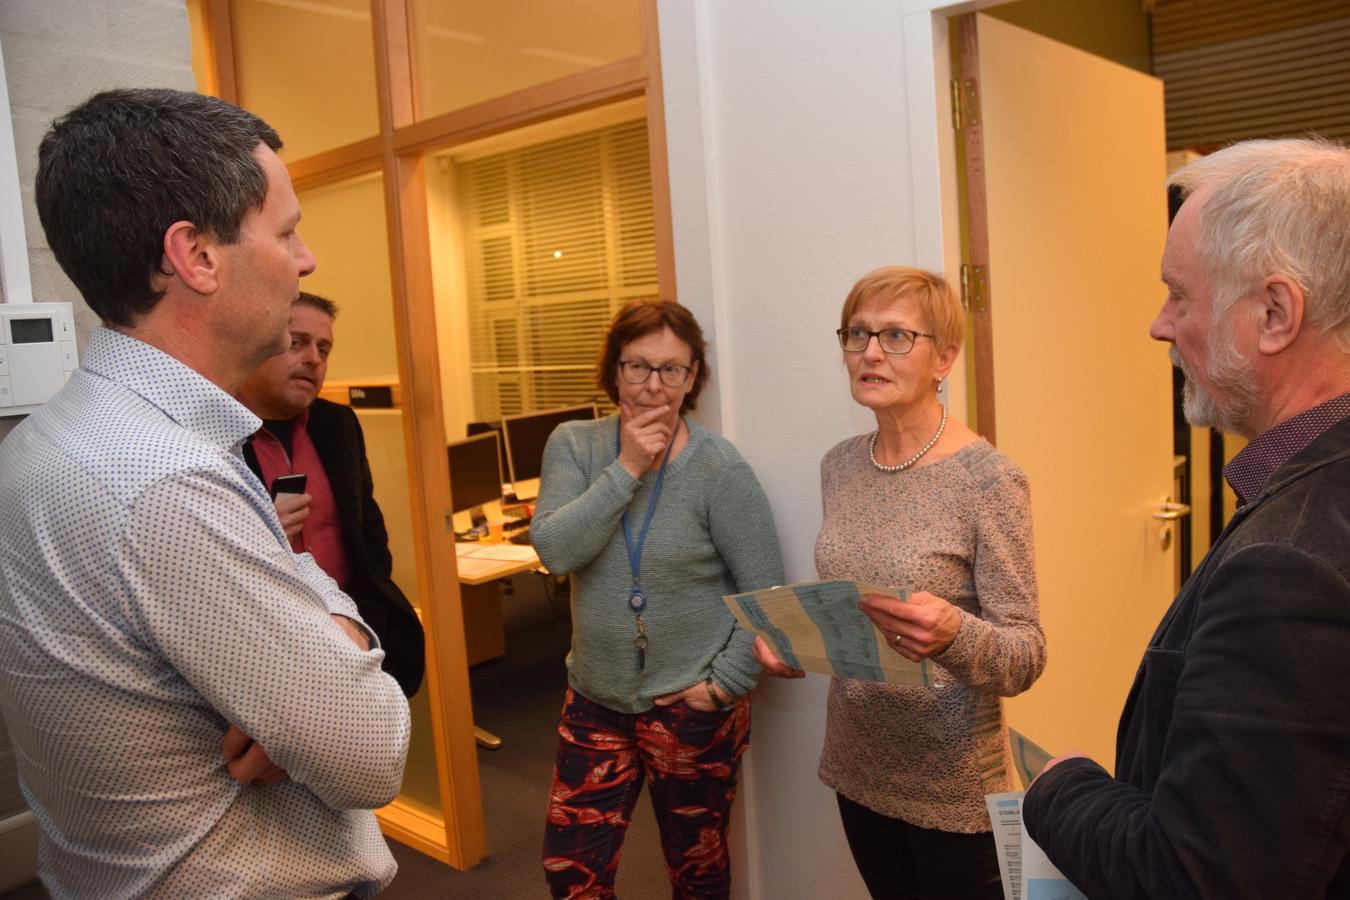 Overleg van de kiescommissie met rechts voorzitter Frans van Dongen.